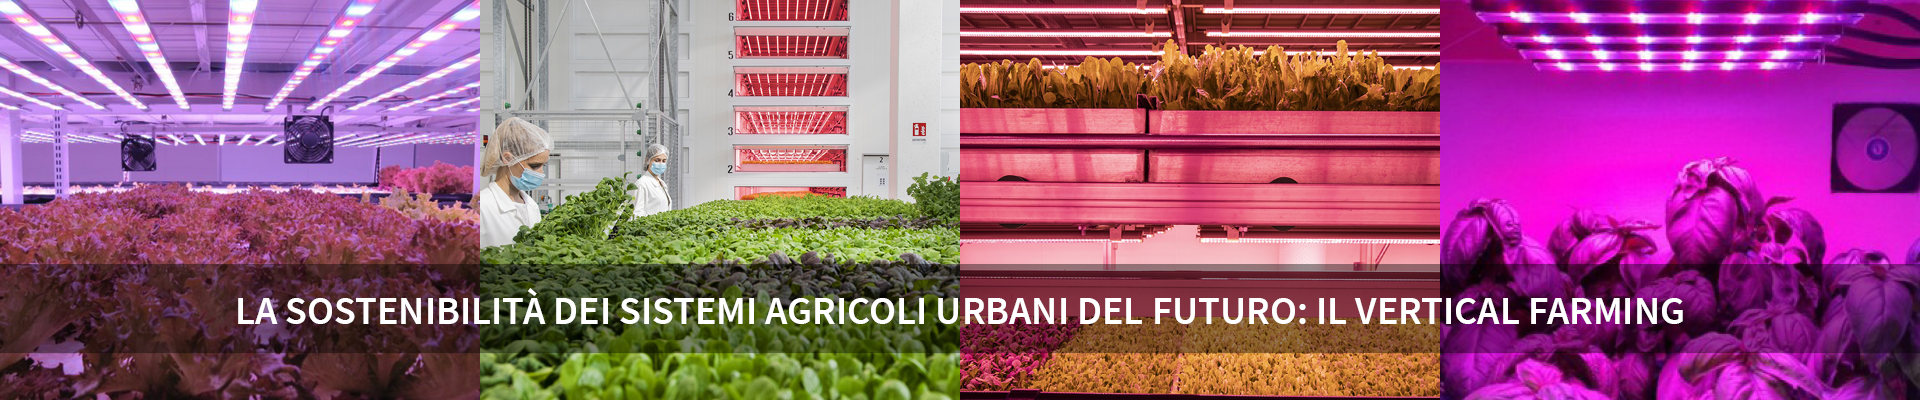 La sostenibilità dei sistemi agricoli urbani del futuro: il Vertical Farming -